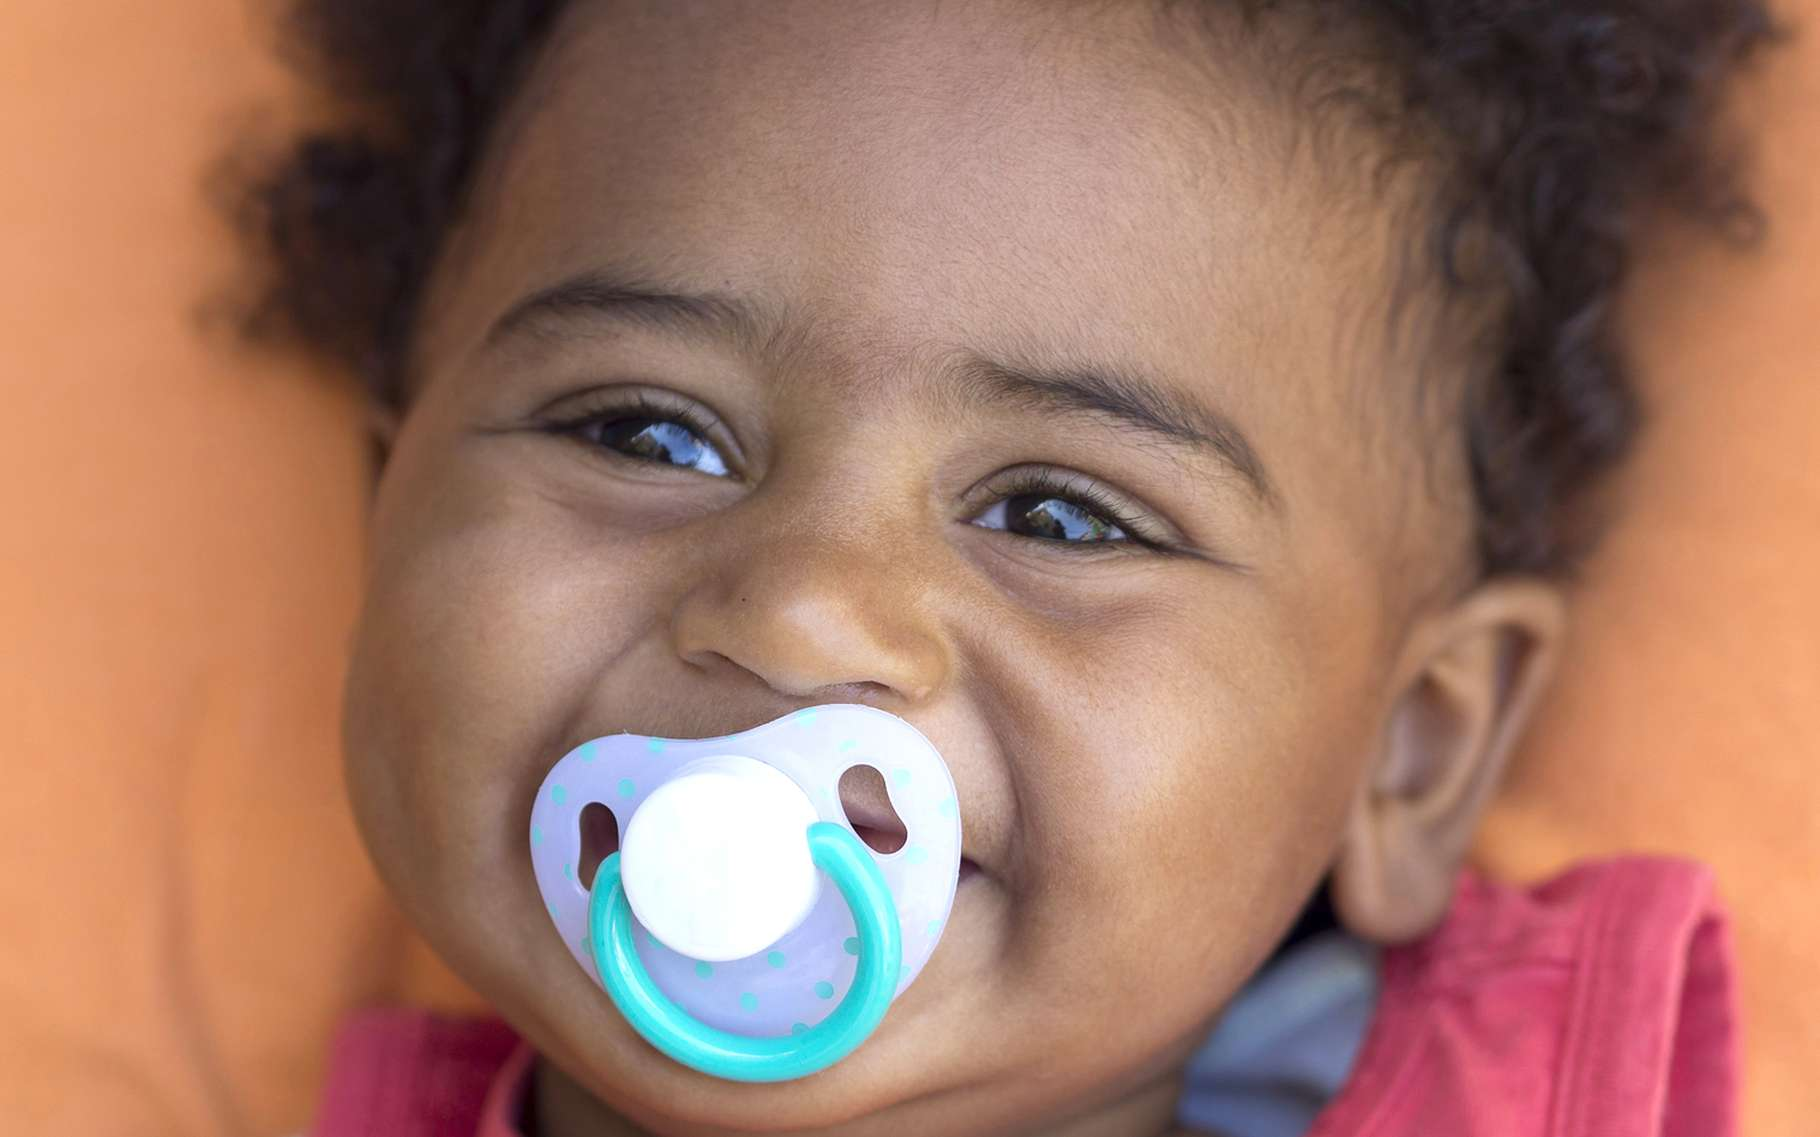 Que ce soit par la tétine ou par le pouce, la succion répétée n'est pas idéale pour les dents. © africa924, Shutterstock